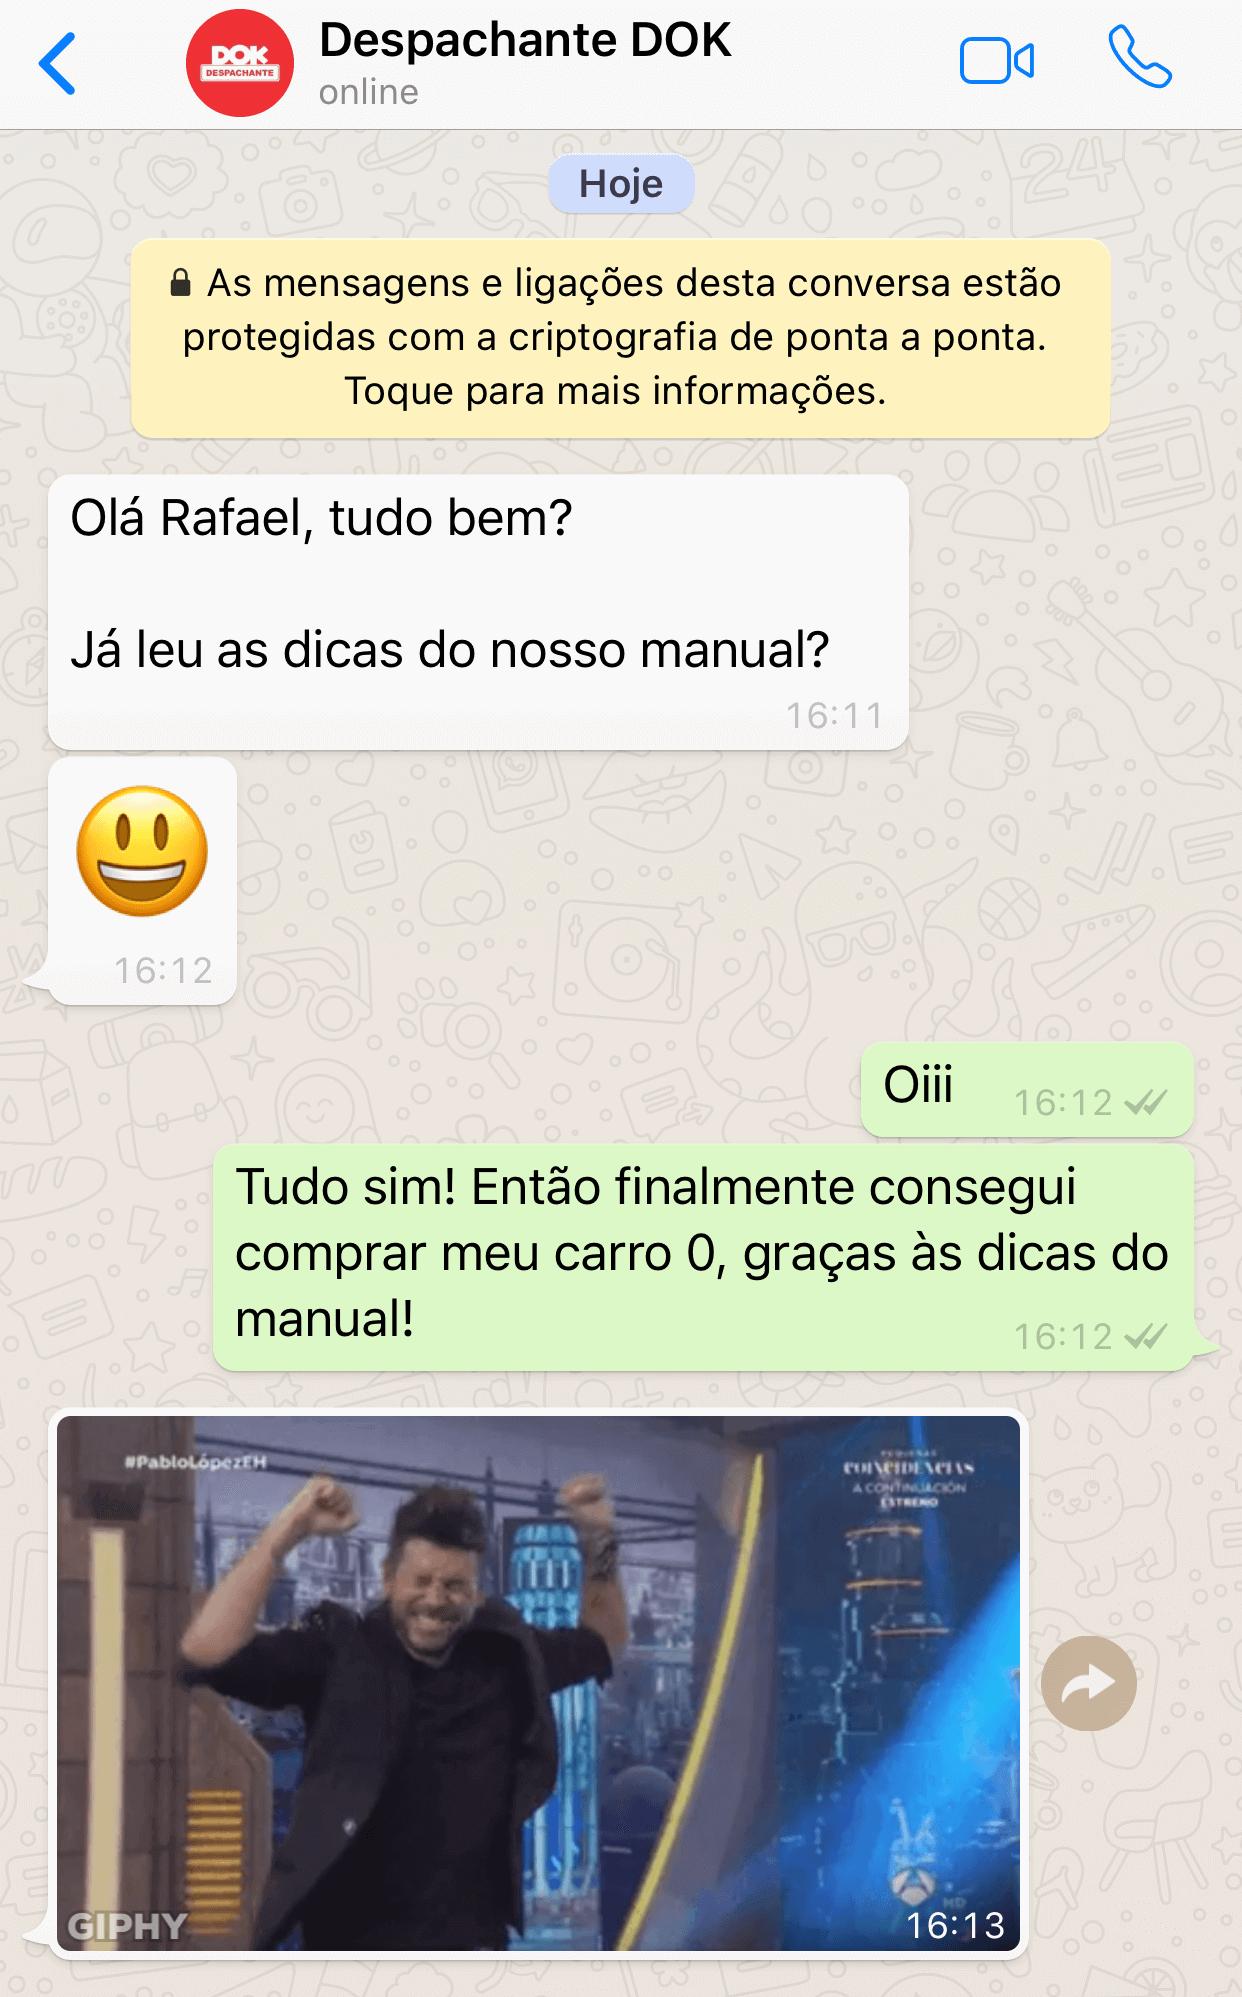 Daniel Domingues no WhatsApp: Excelente serviço, muito rápidos e eficientes. Super recomendo!